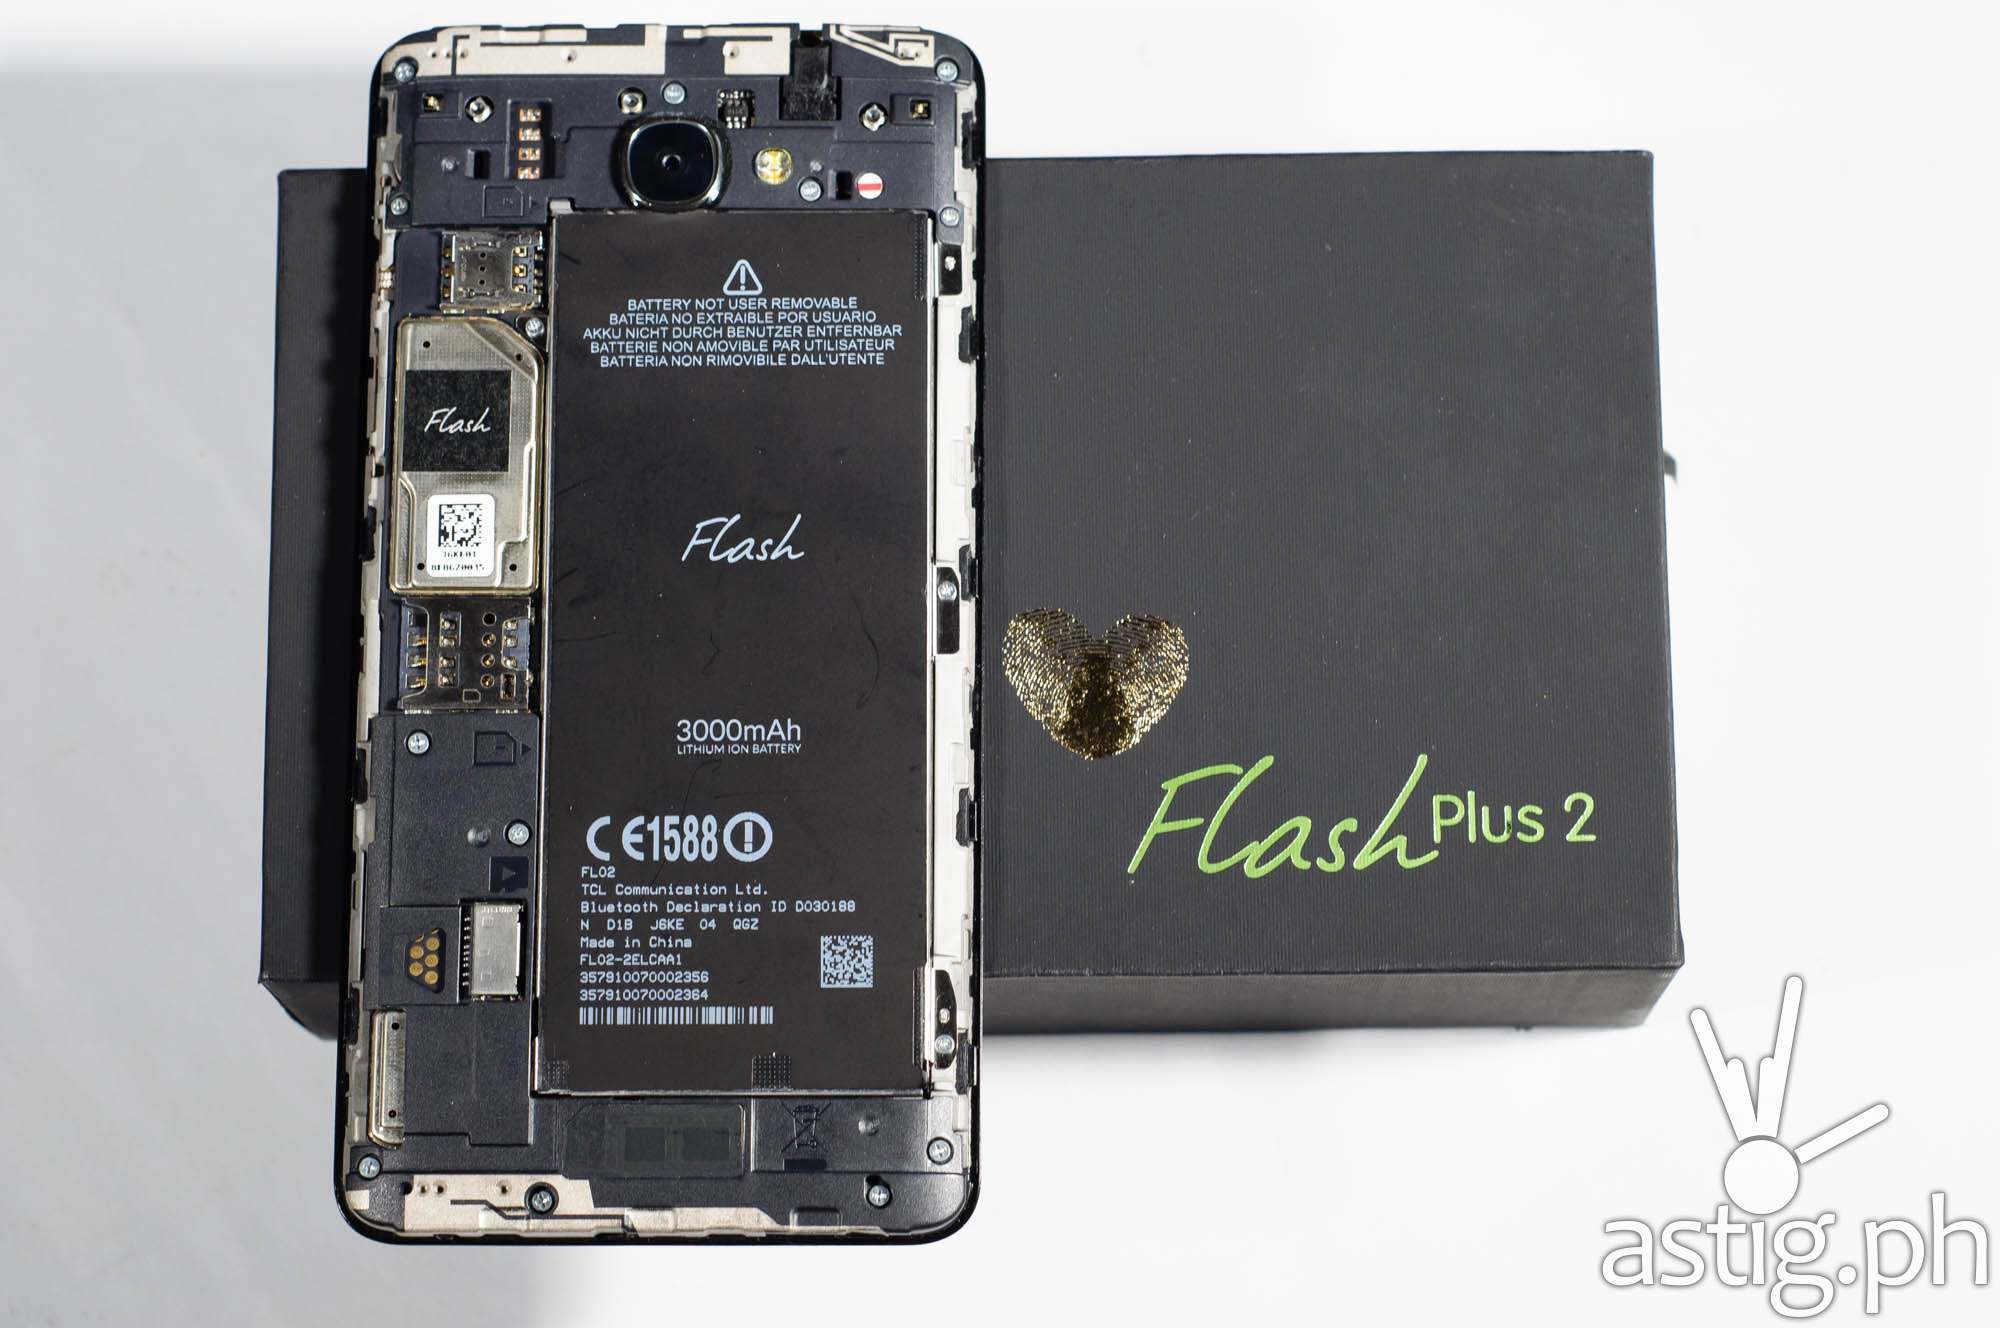 Flash Plus 2